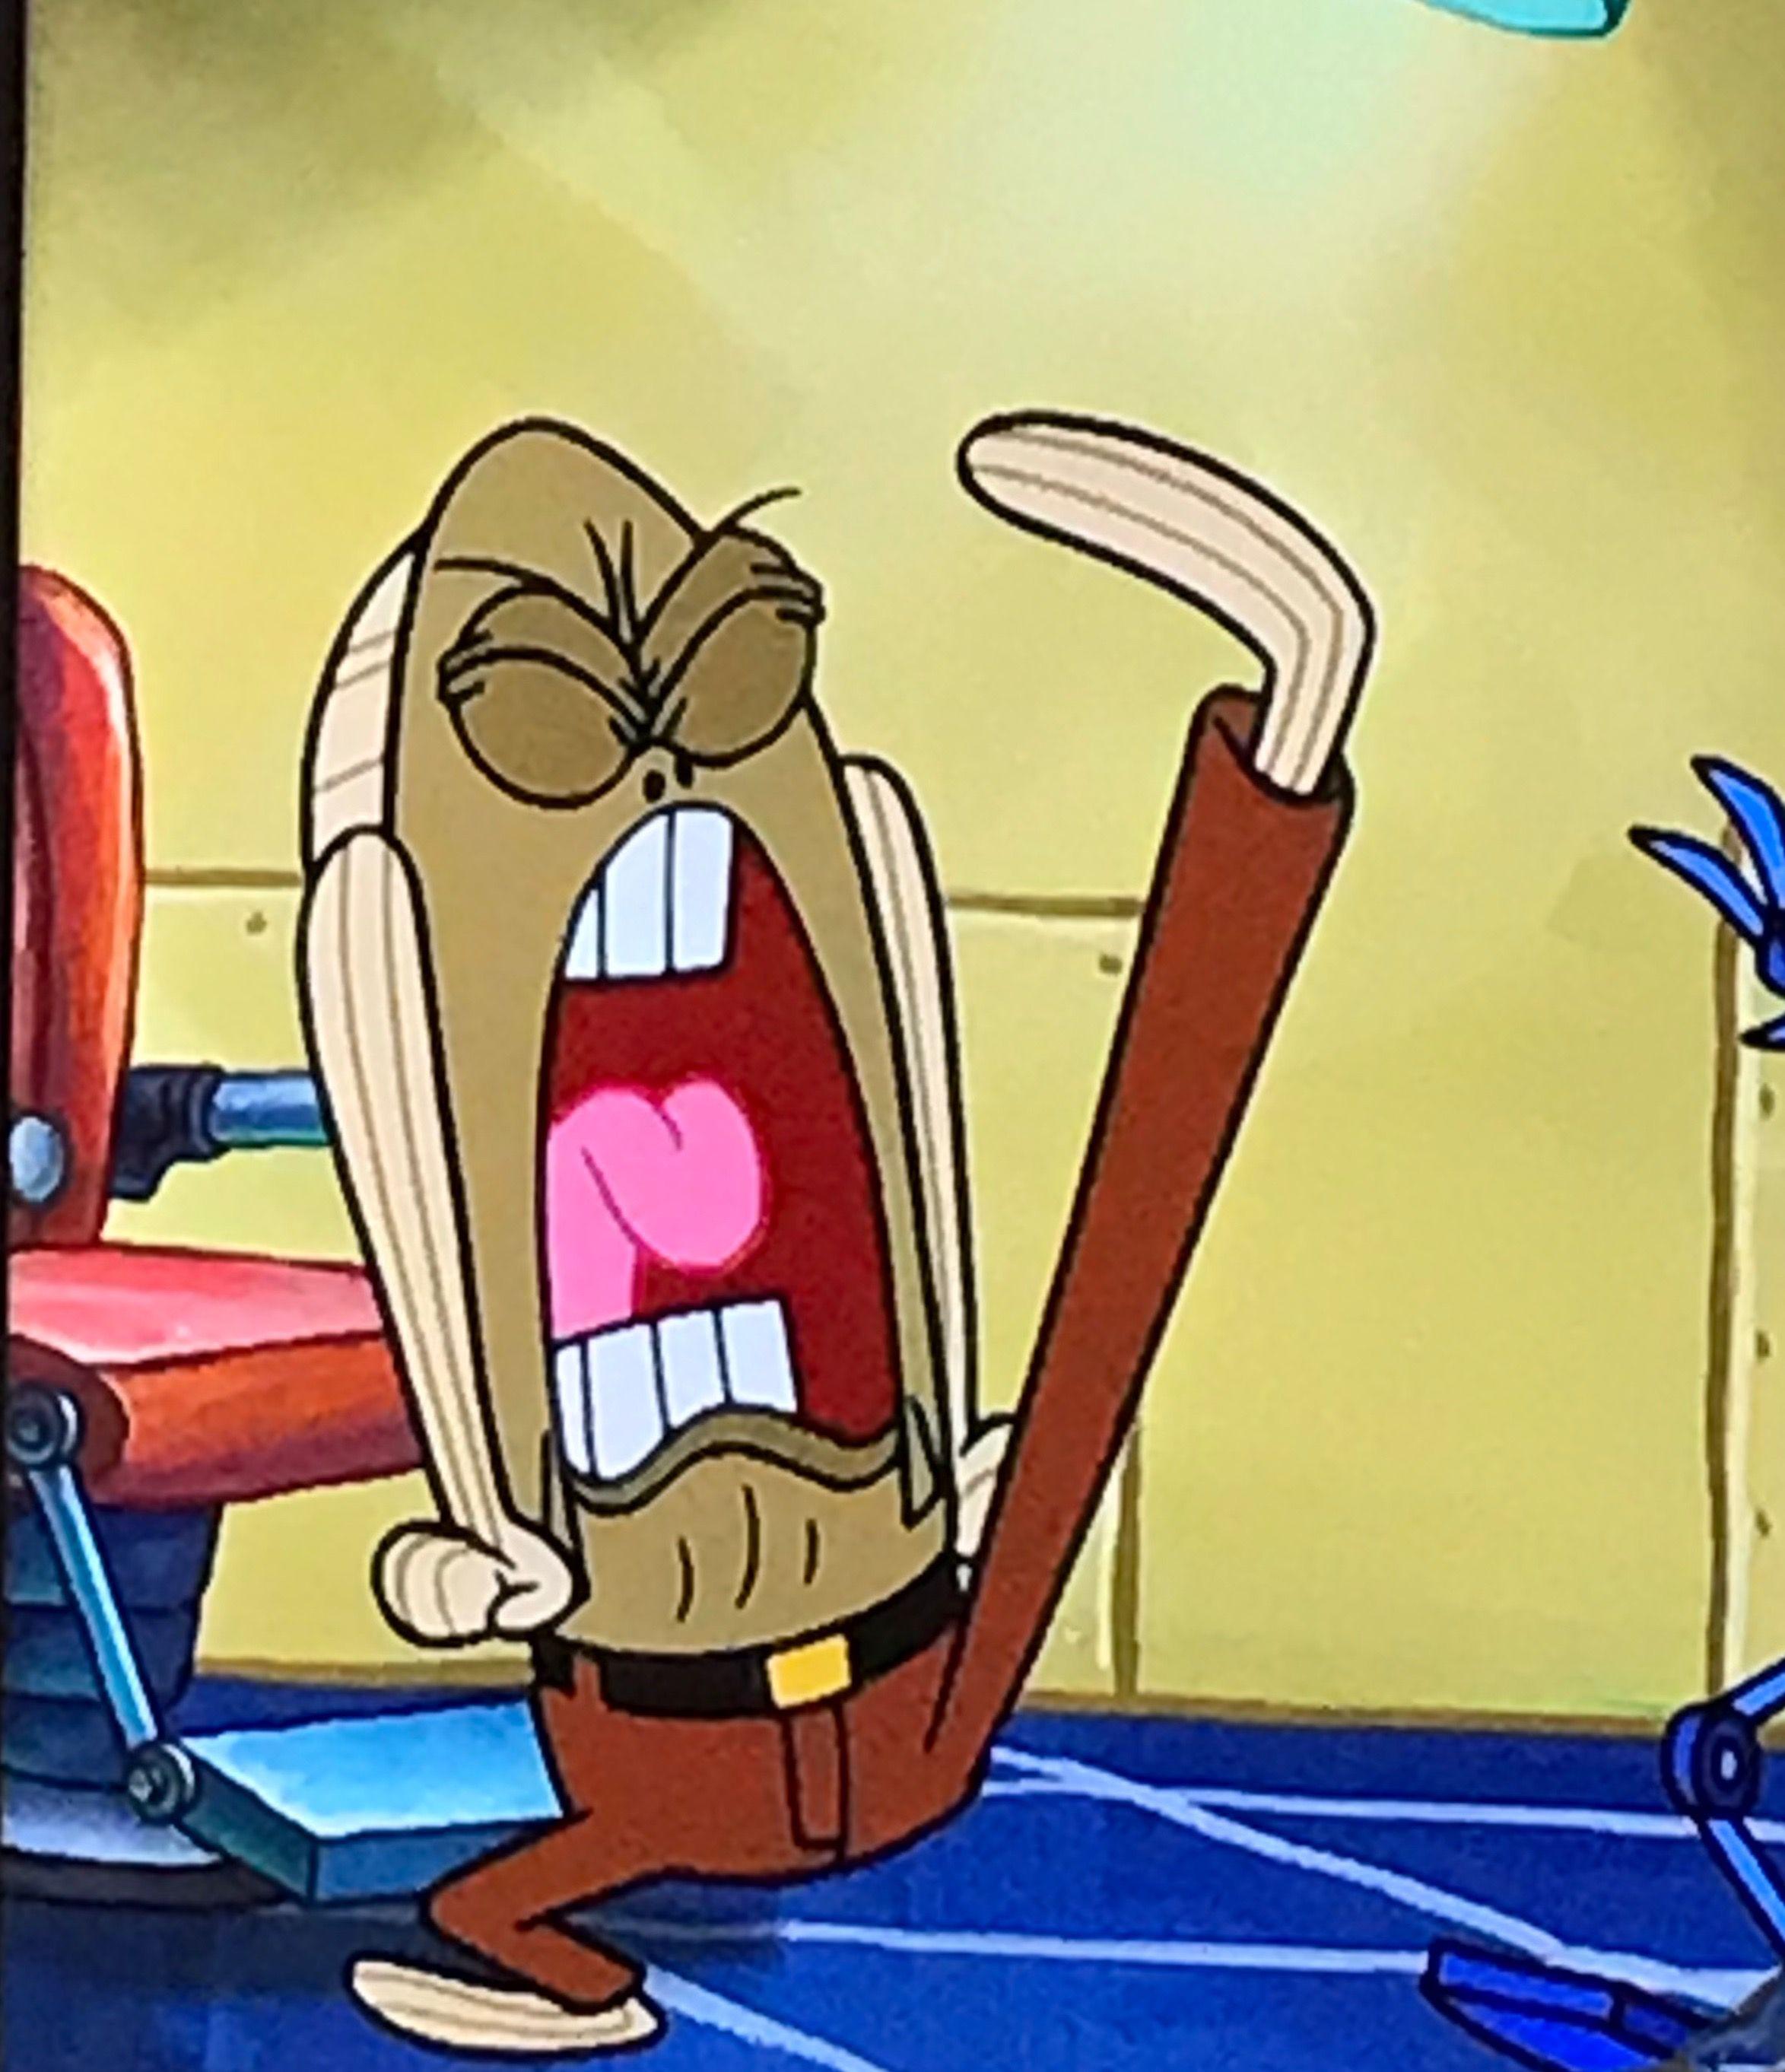 Pin by voyezki 🍒 on mood Spongebob, Spongebob memes